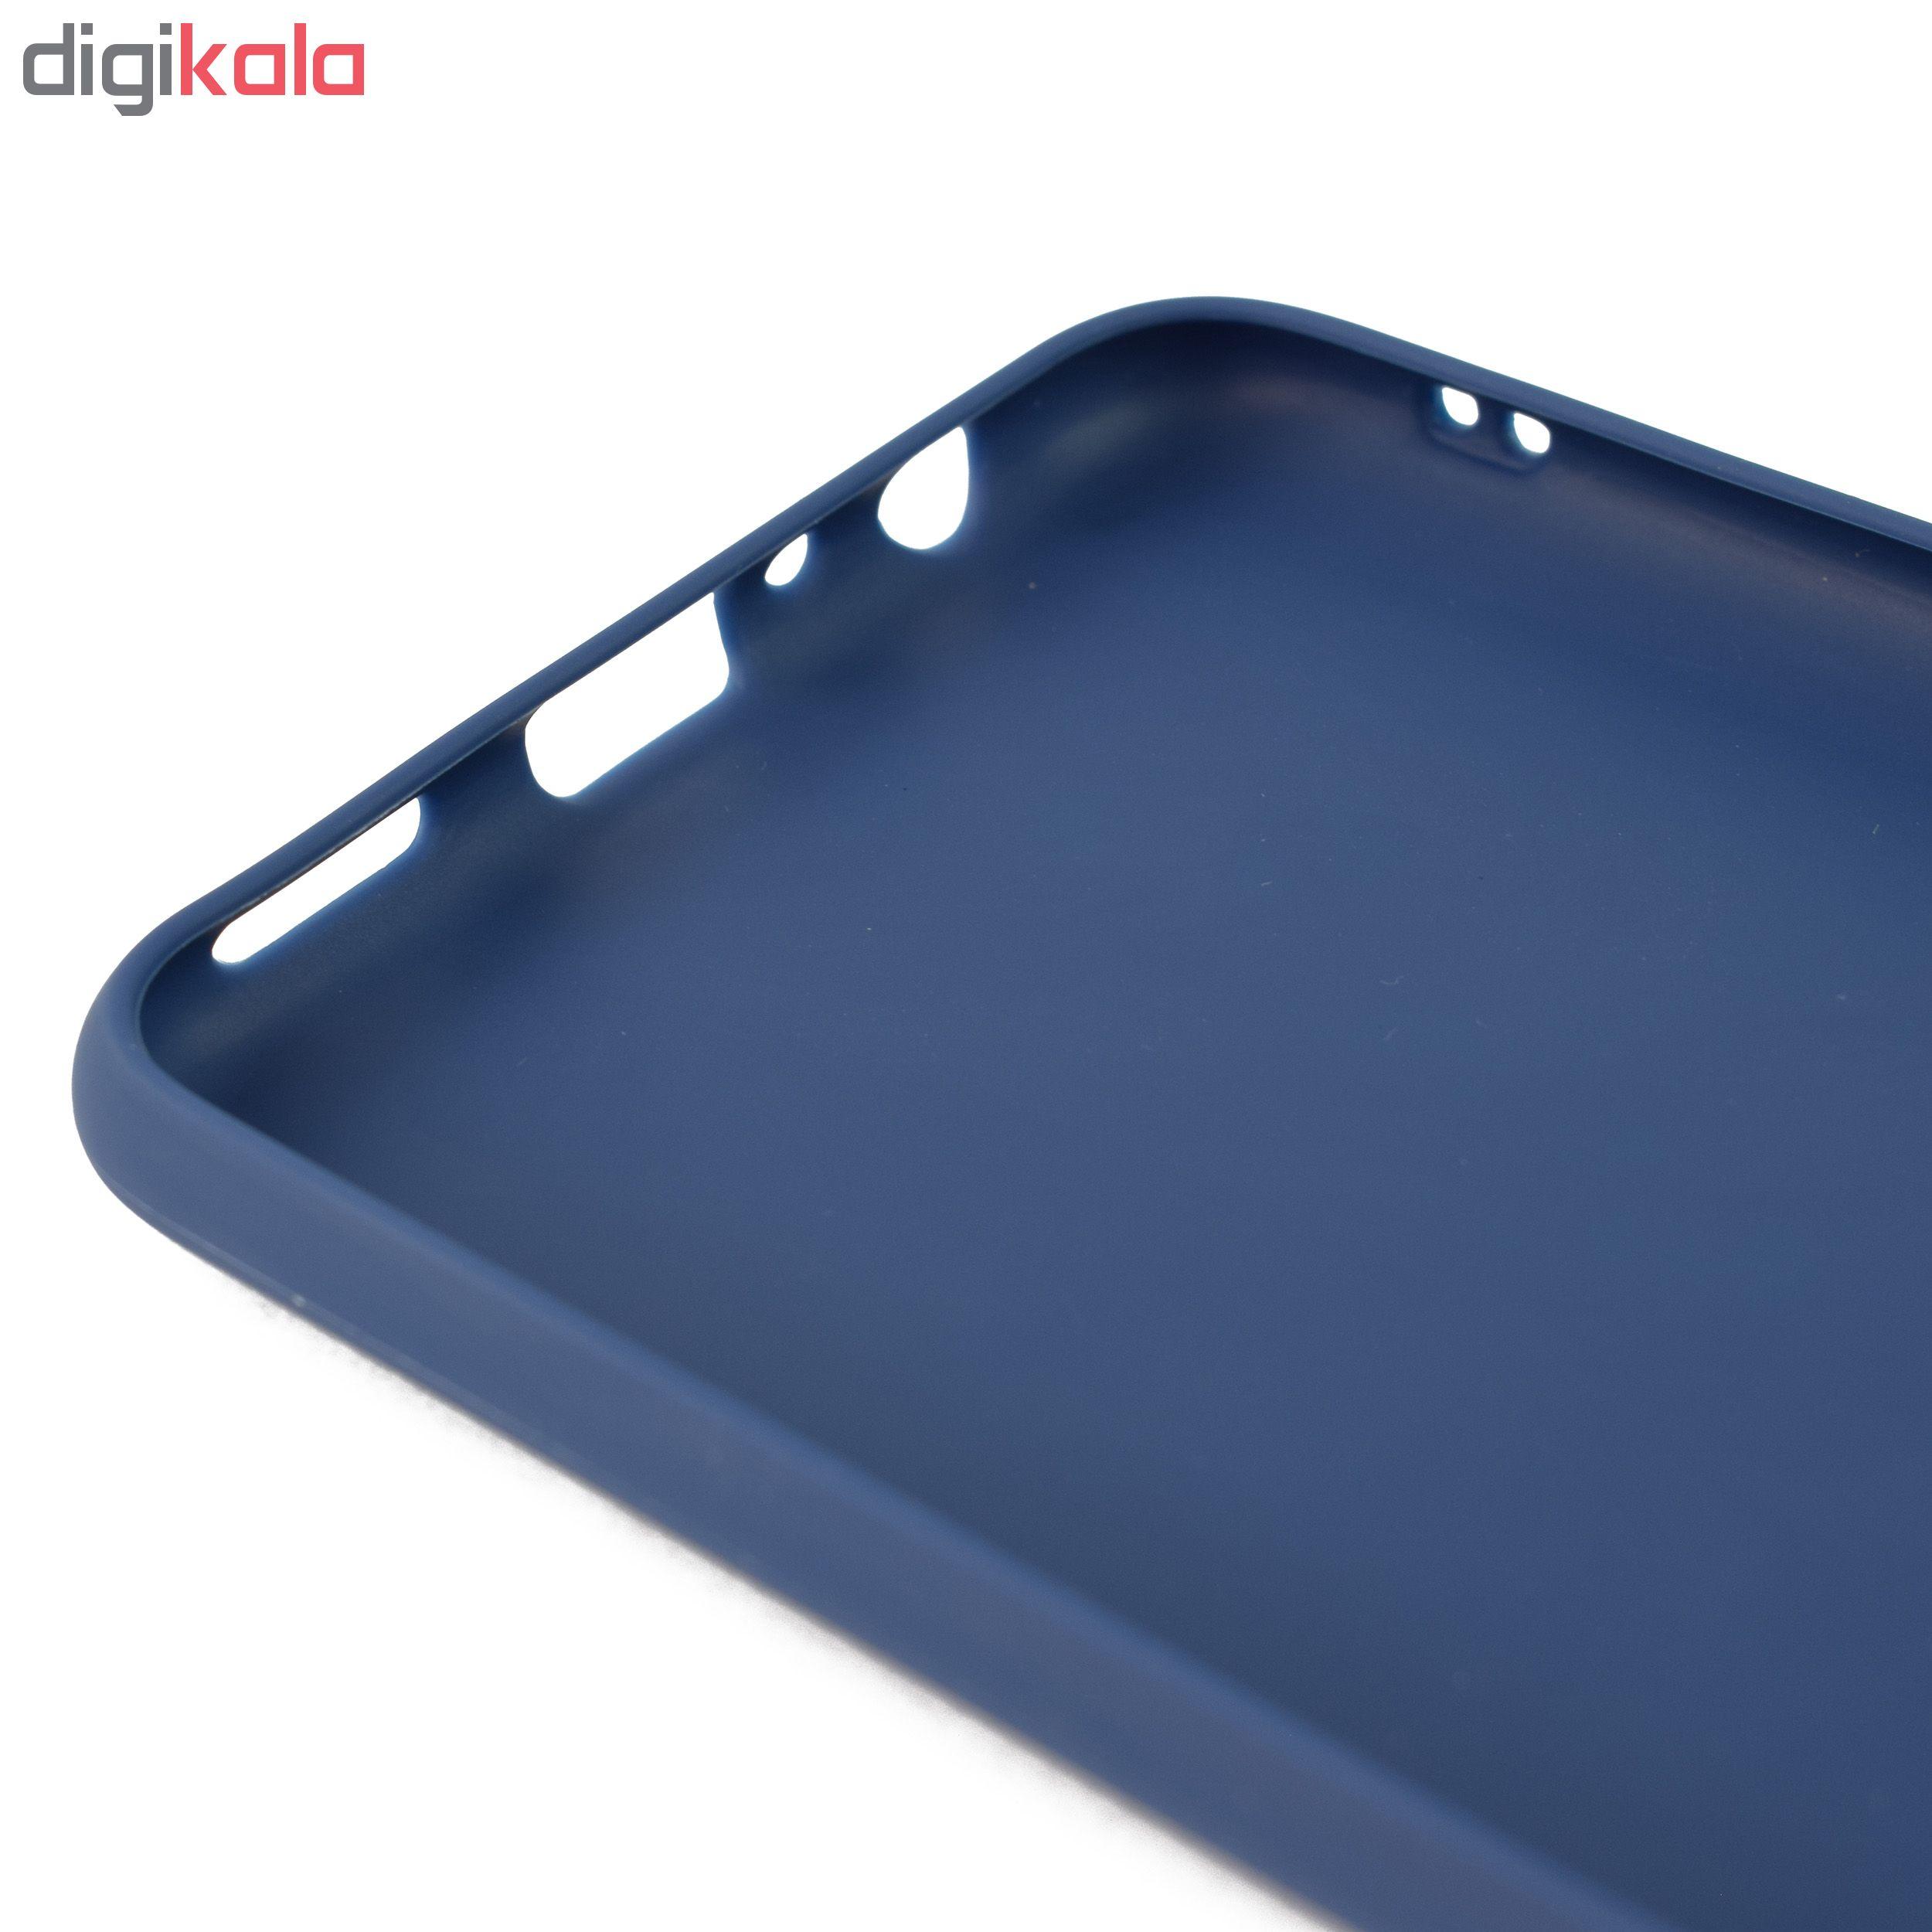 کاور مدل SC20 مناسب برای گوشی موبایل هوآوی Y9 2019 main 1 9